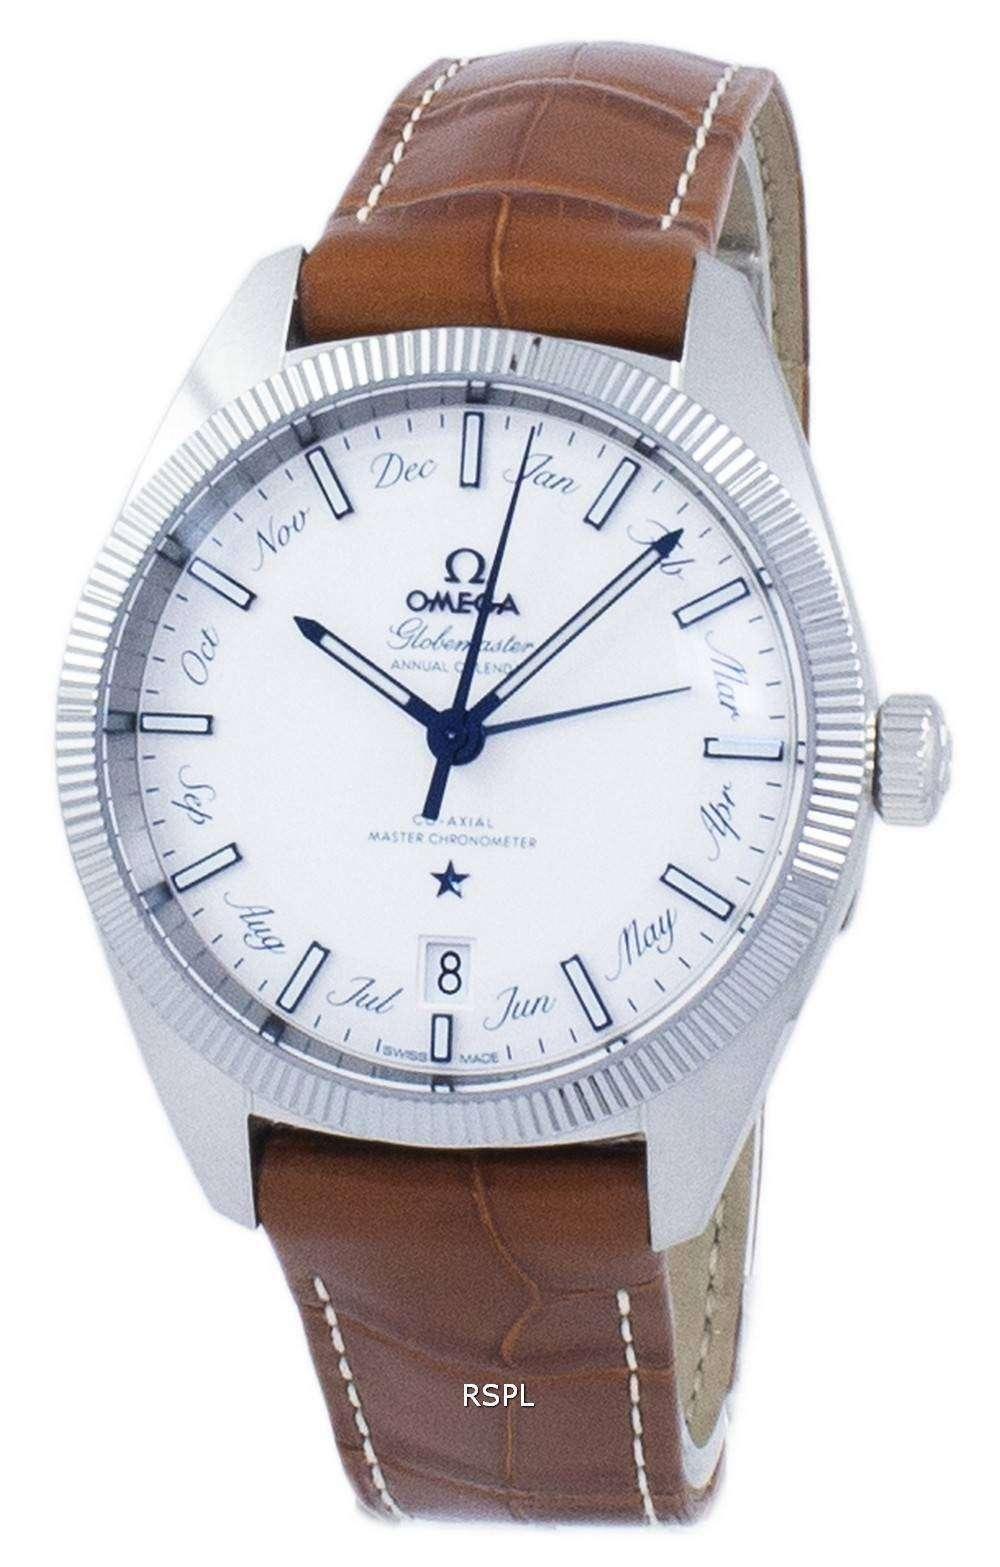 オメガ コンステレーション グローブ マスター コーアクシャル年間カレンダー自動 130.33.41.22.02.001 メンズ腕時計